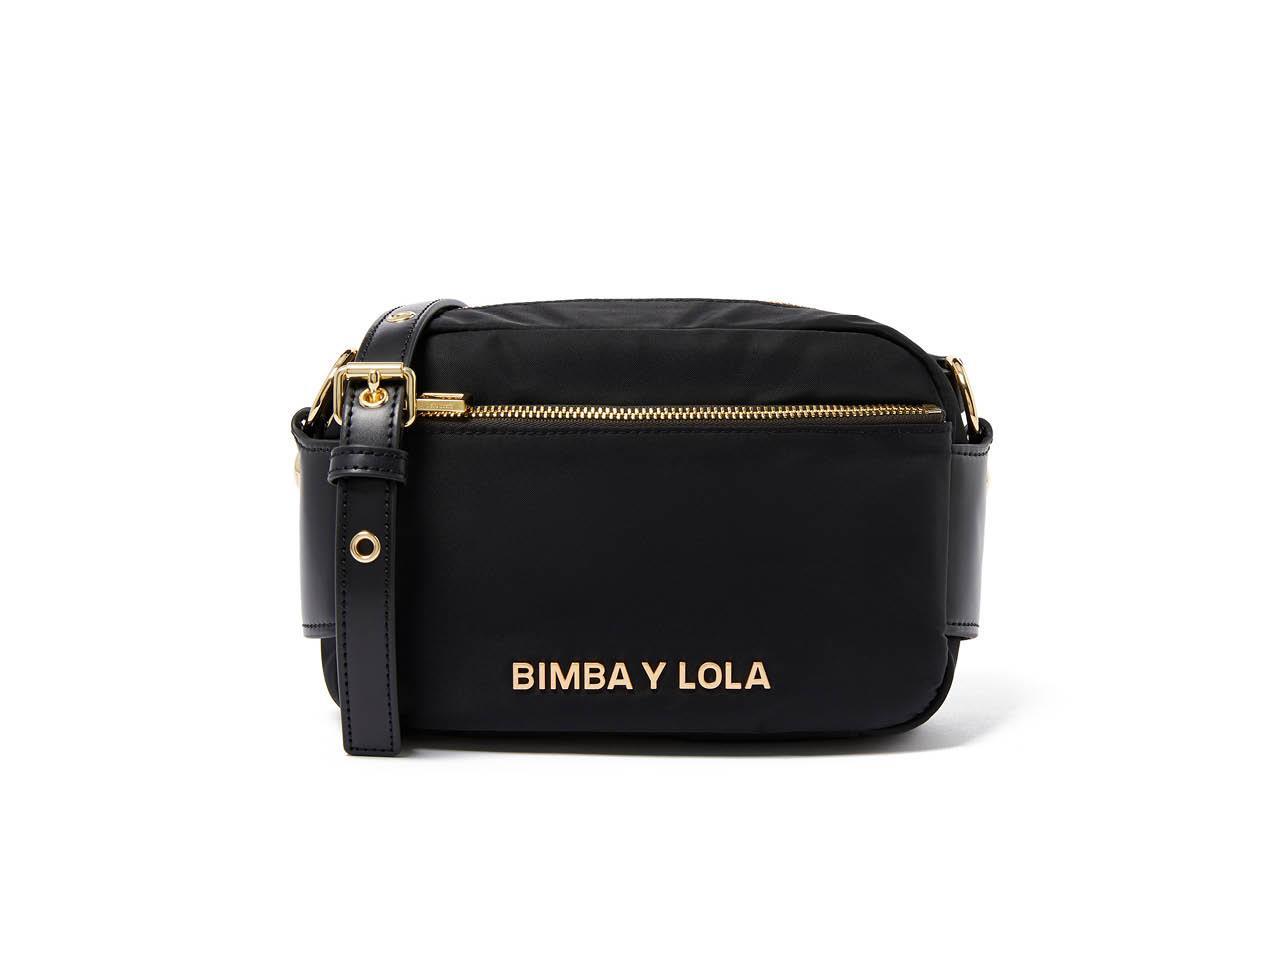 Tienda Oficial Online | Bimba y lola, Bolsos y Bolsos de marca